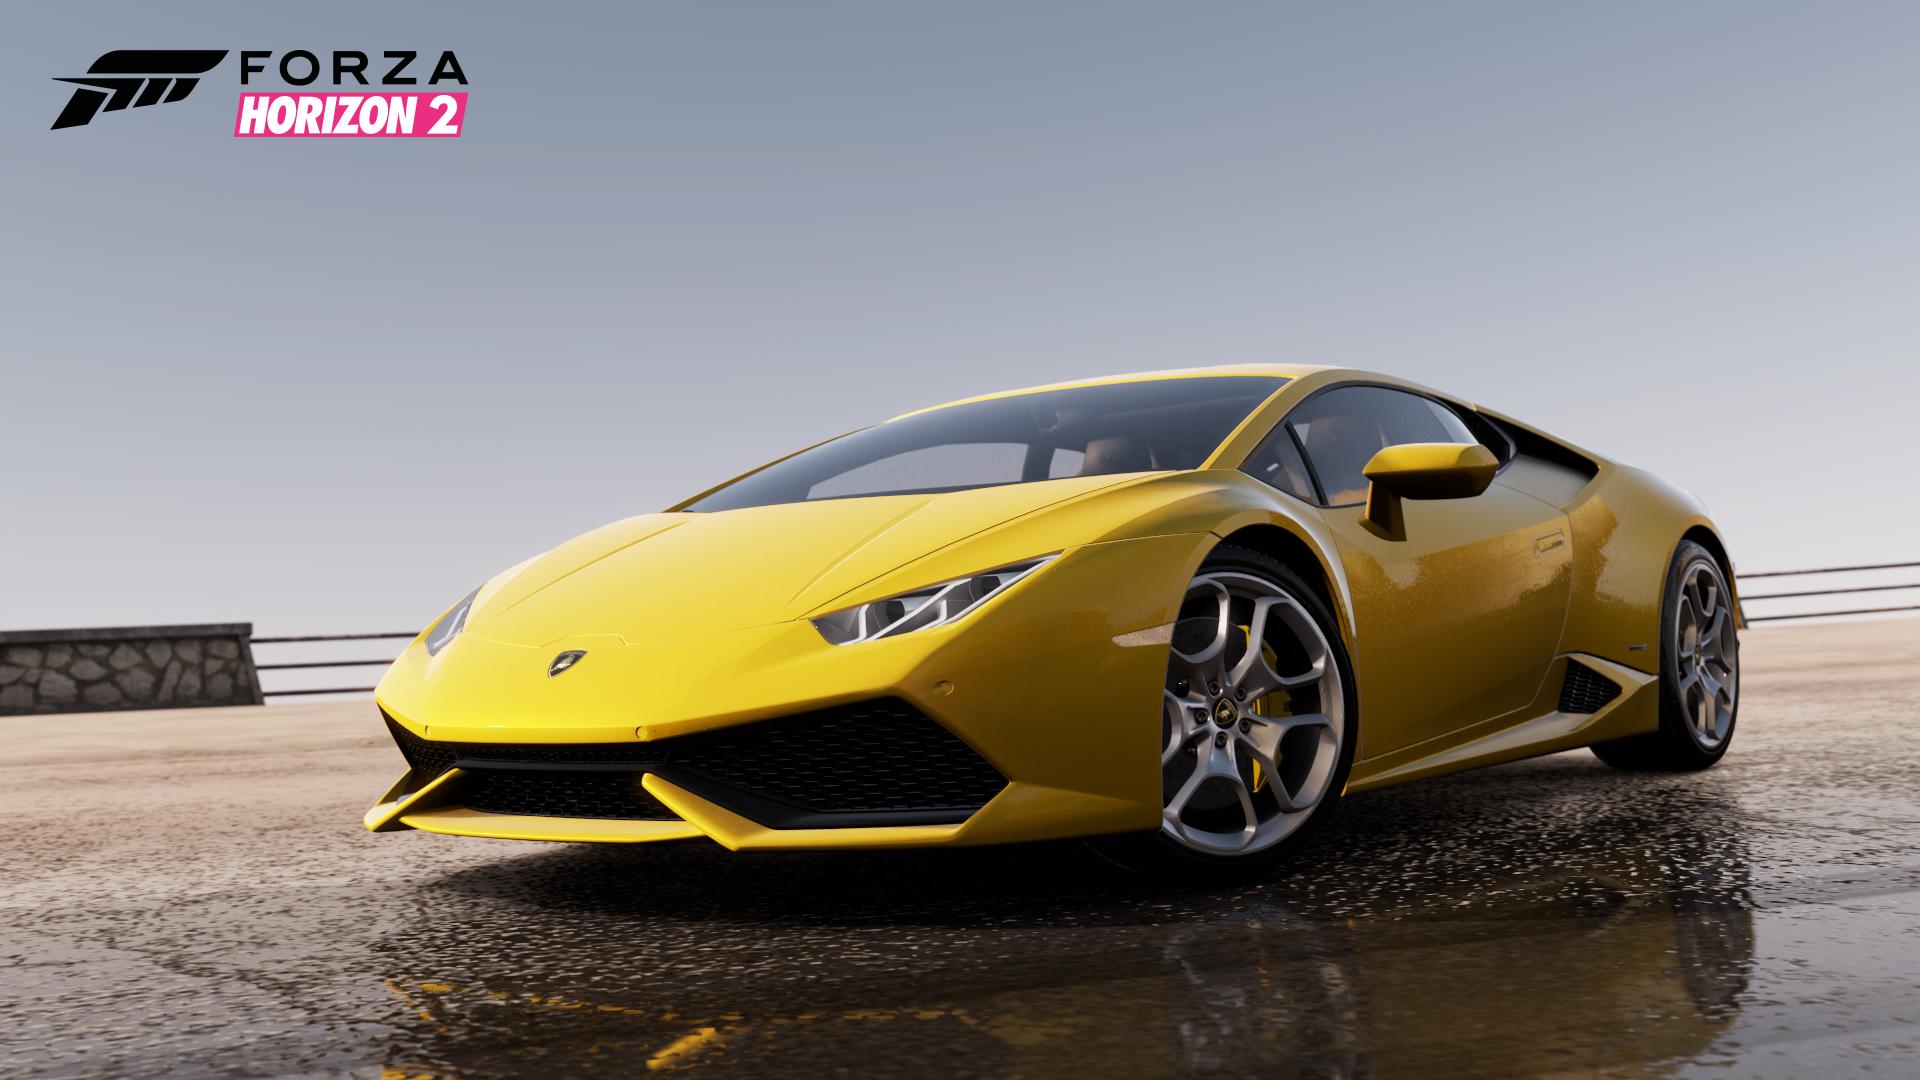 Forza Horizon 2/Cars | Forza Motorsport Wiki | FANDOM